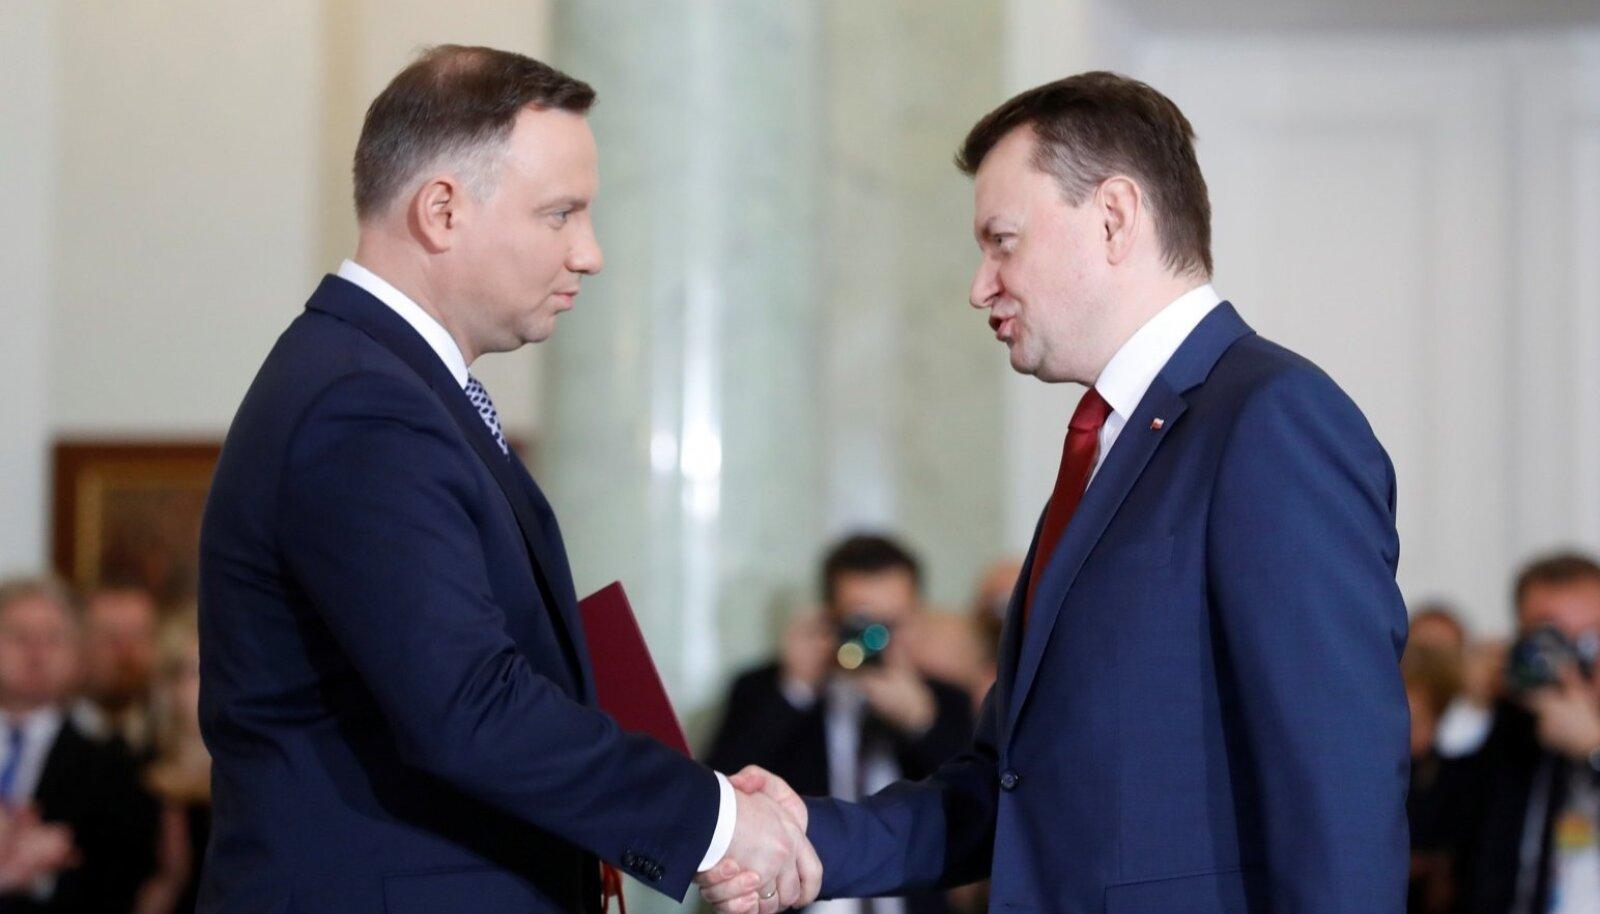 Andrzej Duda ja Mariusz Błaszczak